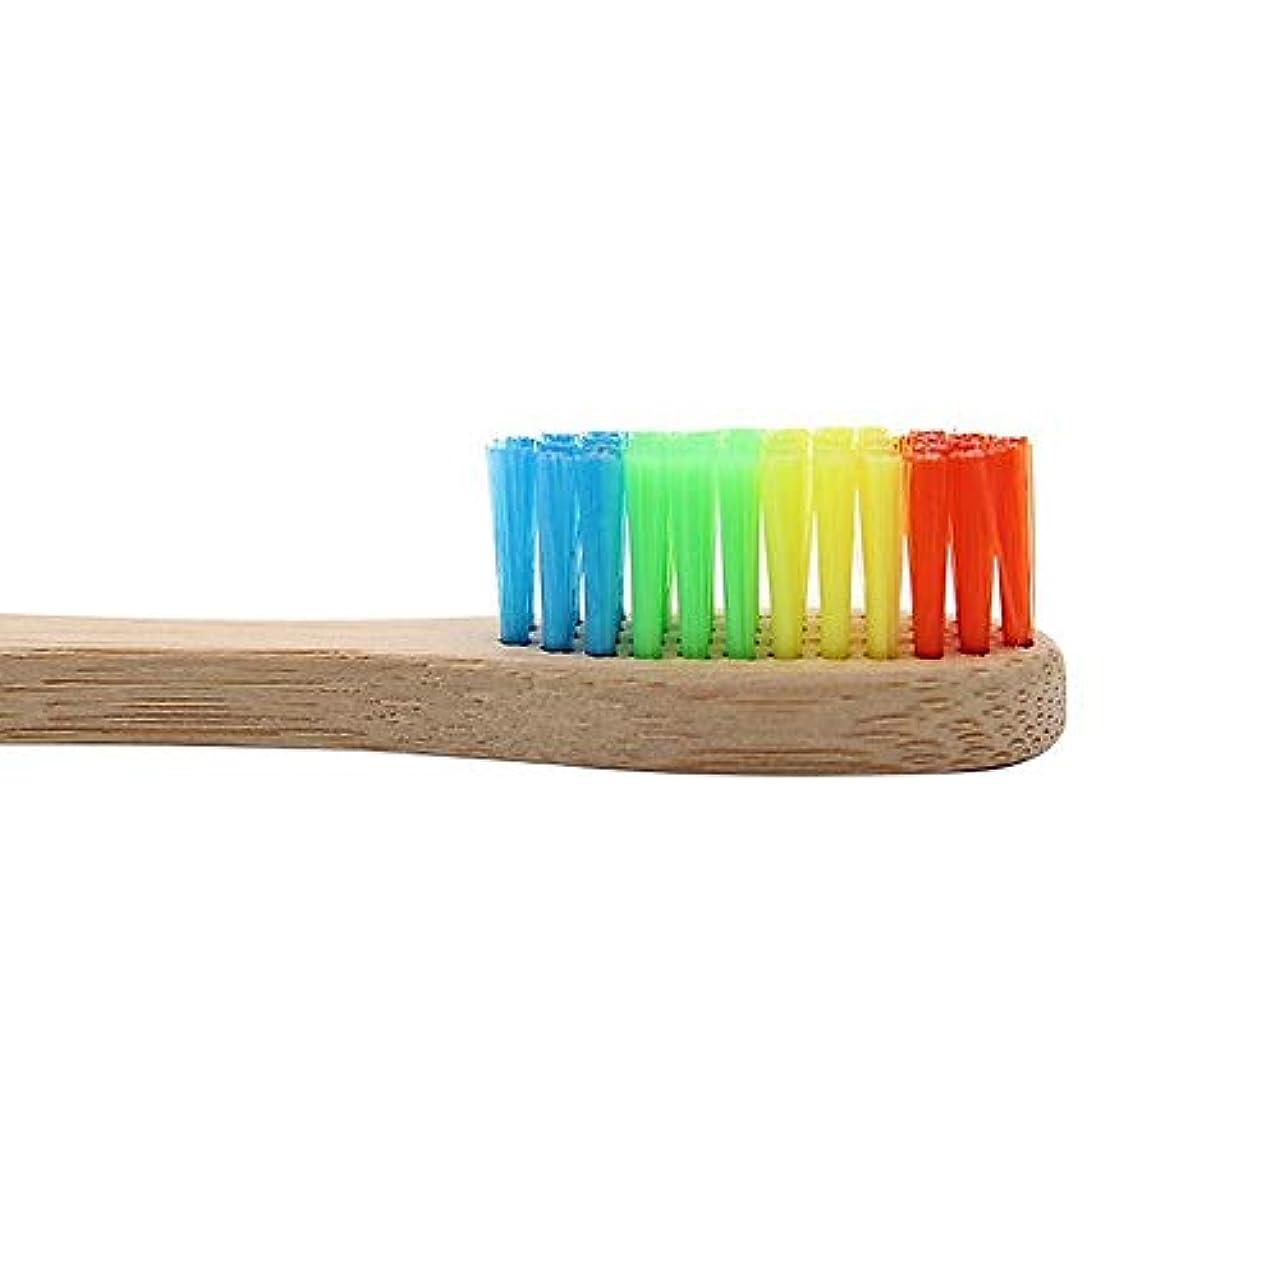 お手入れ閲覧するリスク天然竹歯ブラシ 竹の歯ブラシ ナイロン毛 1本  (カラー)